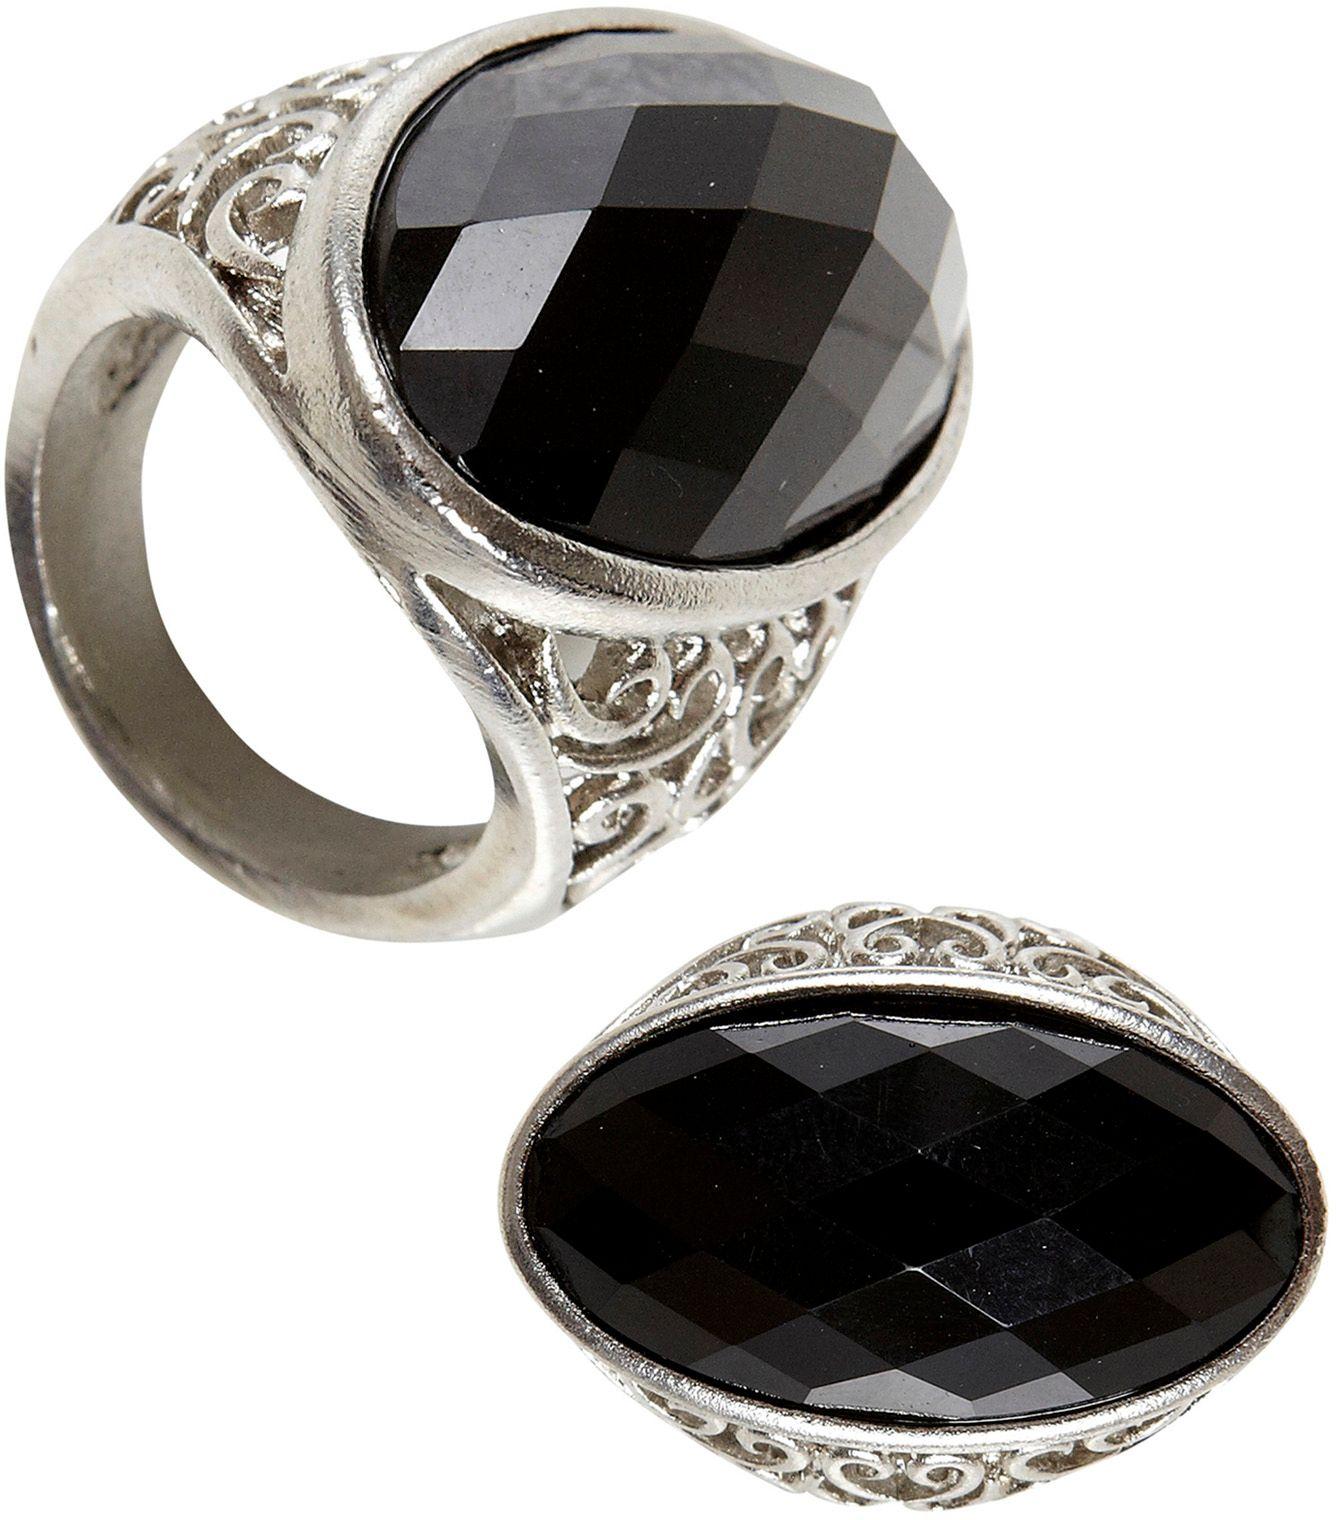 Zwarte gothic ring met edelsteen